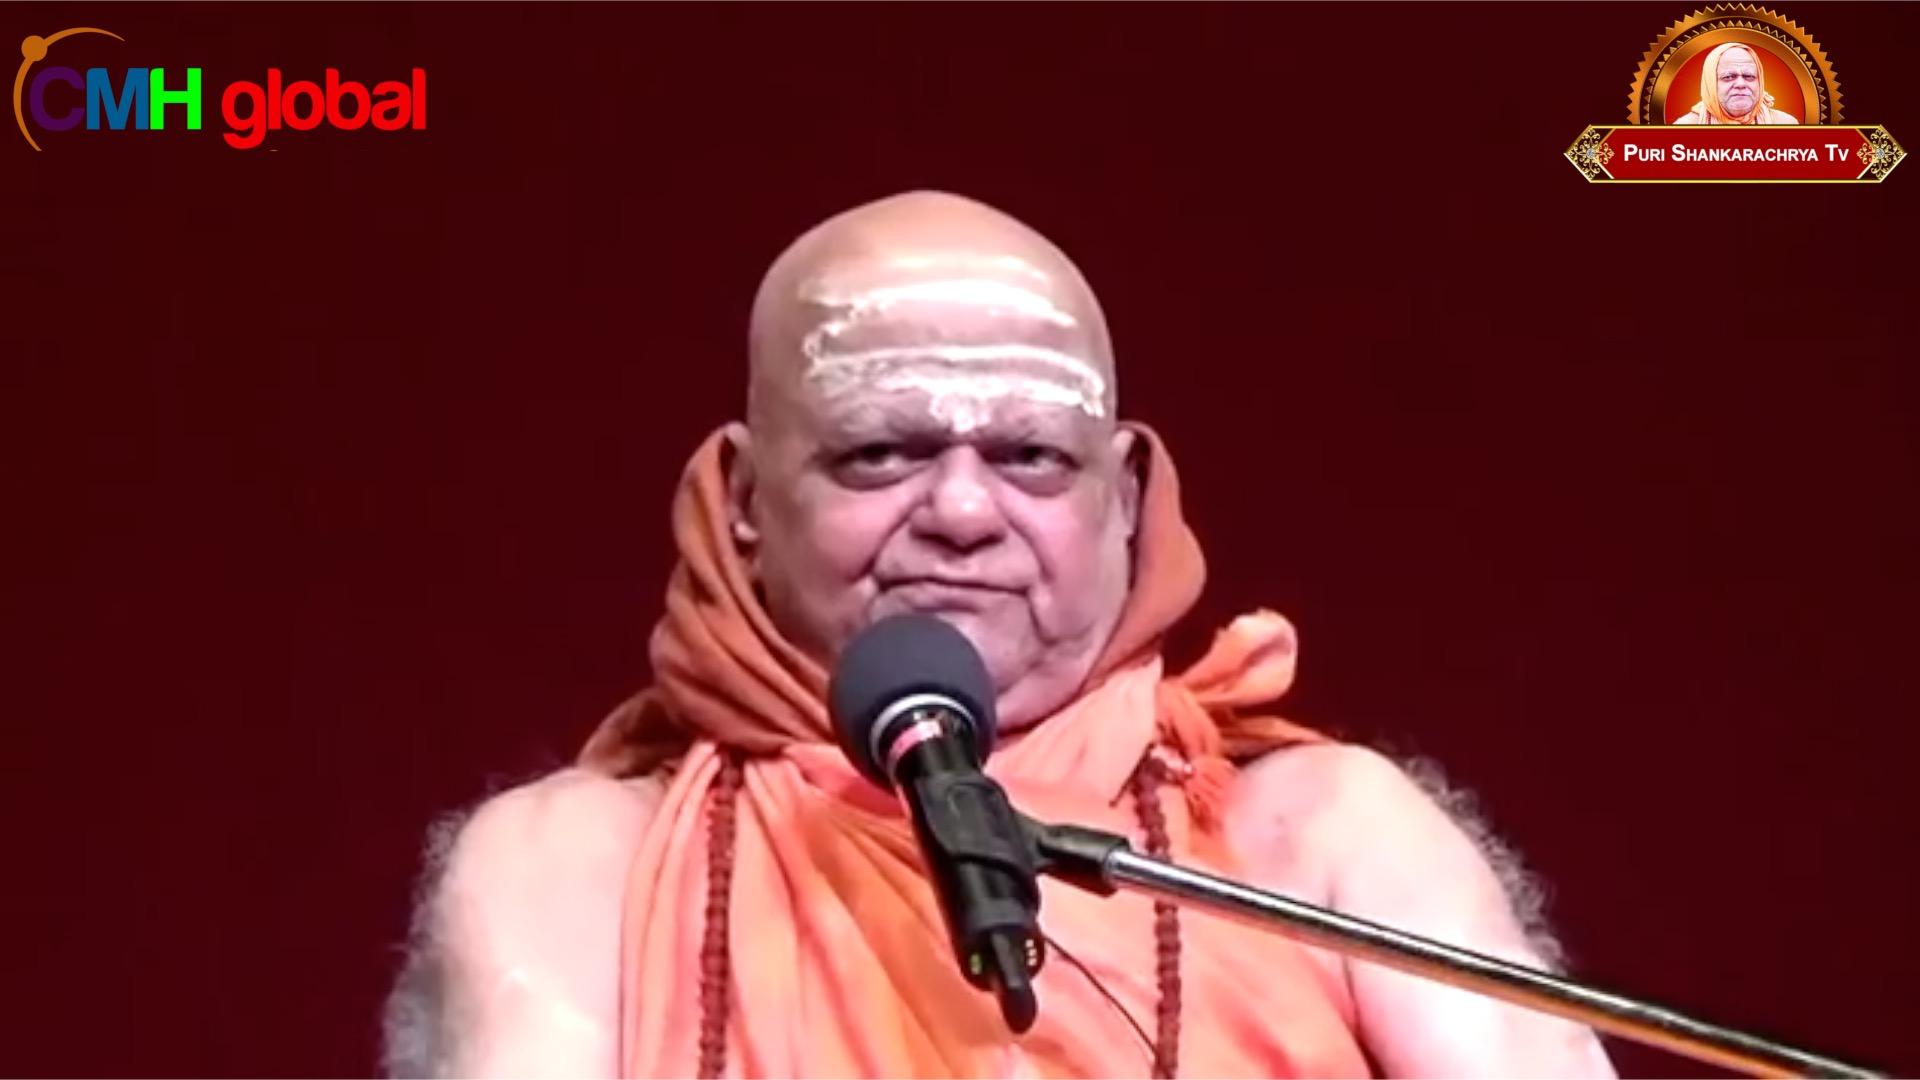 Gyan Dhara Ep -41 by Puri Shankaracharya Swami Nishchalananda Saraswati Ji